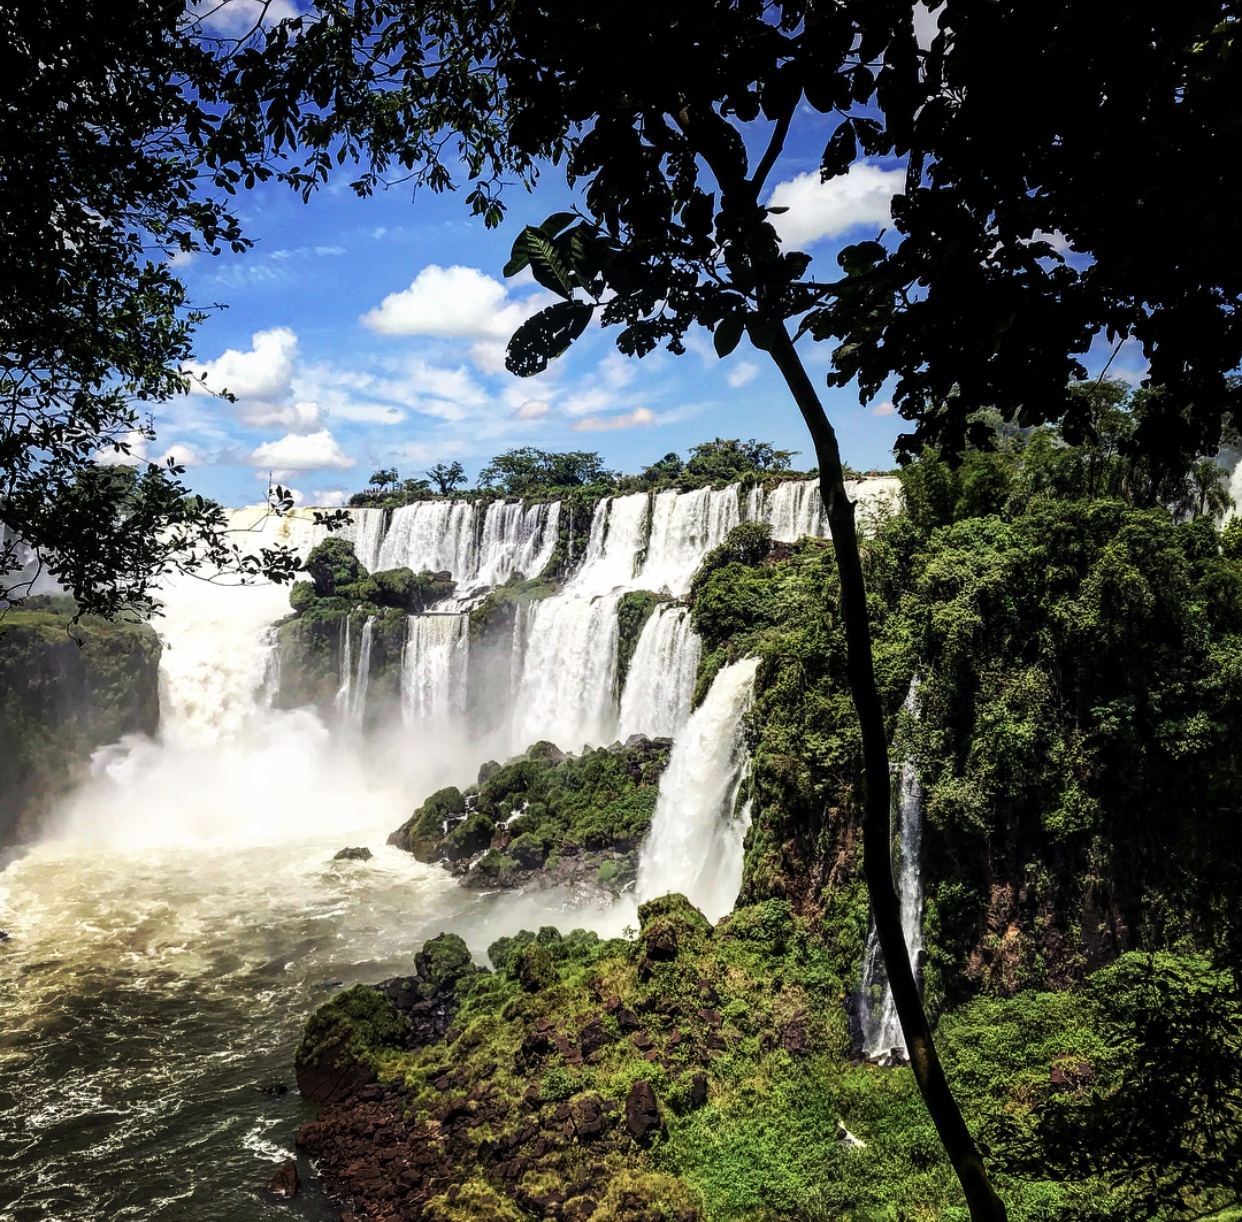 Une partie des chutes d'Iguazu qui font 3 km de long sur la frontière du Brésil et de l'Argentine